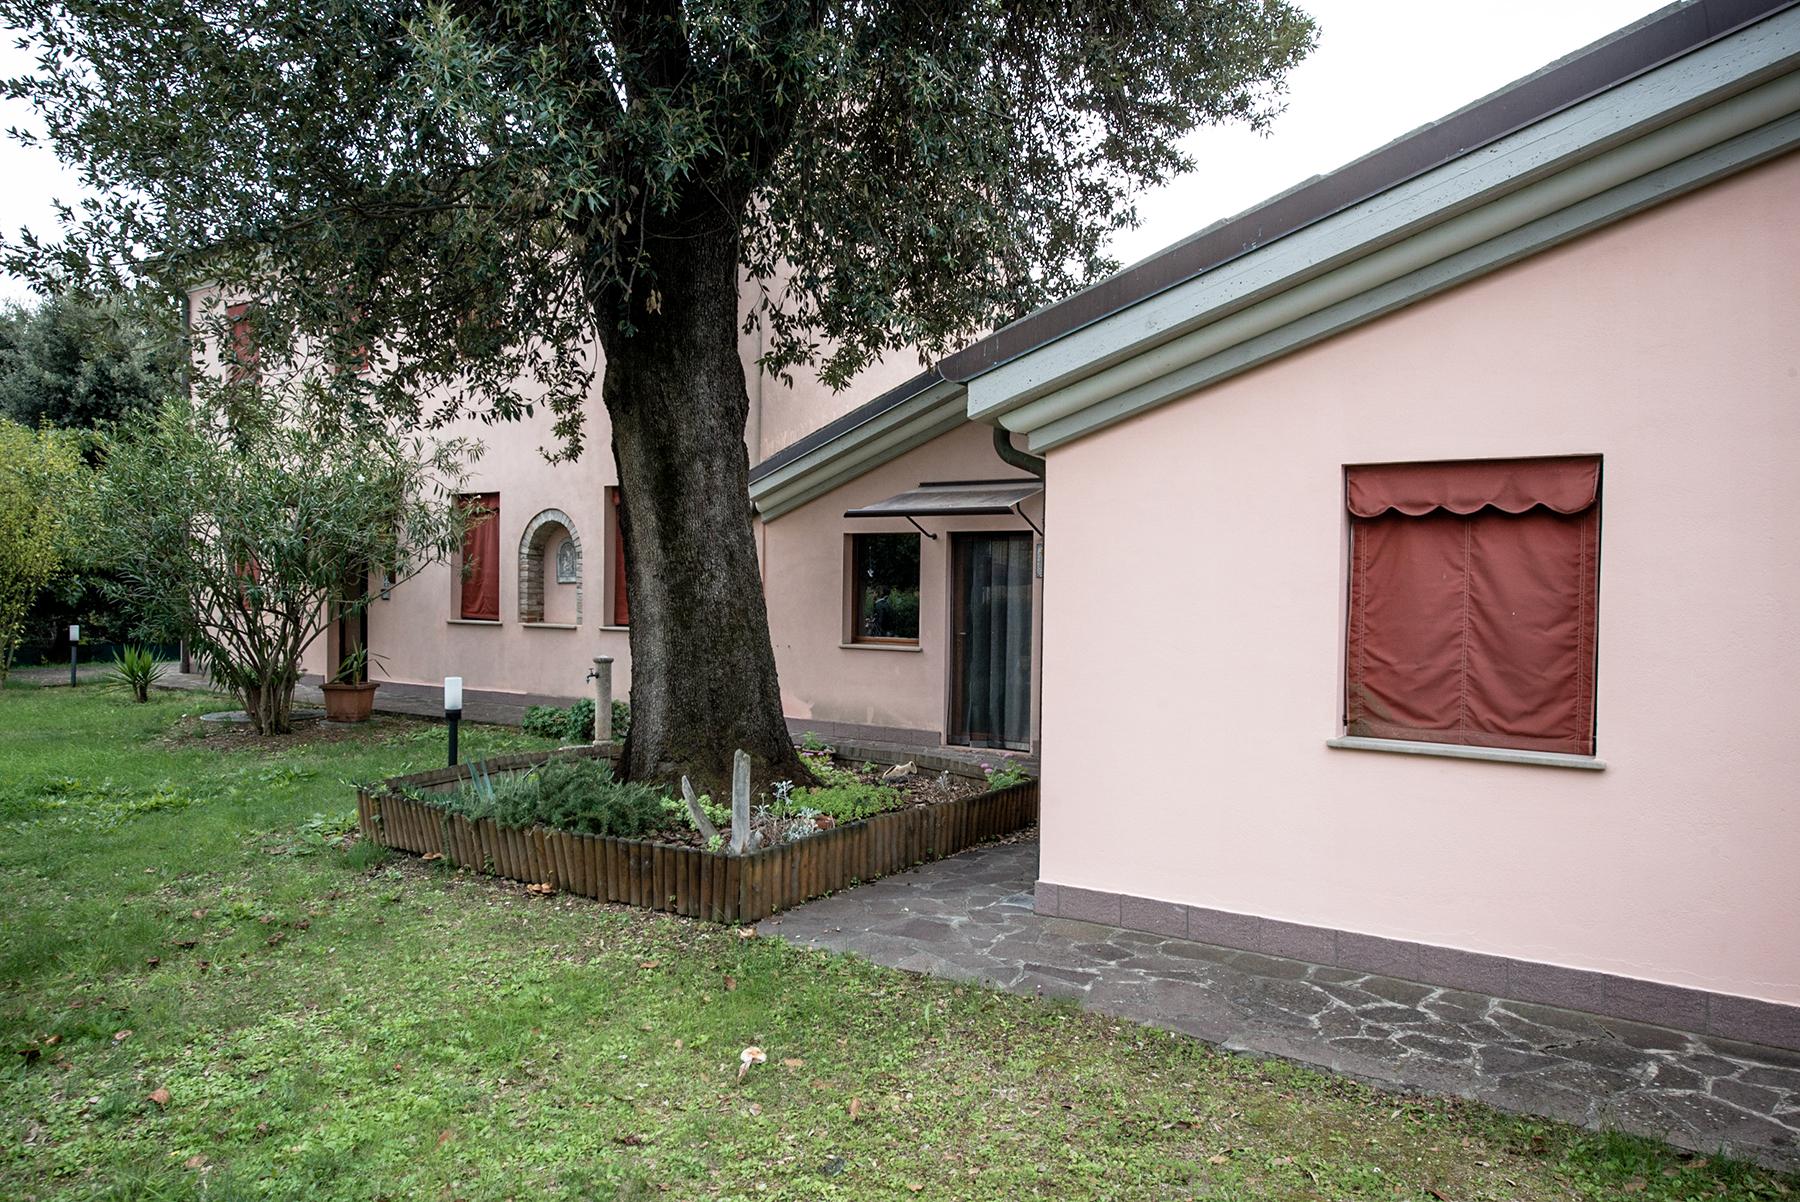 Villa in Vendita a Mondolfo: 5 locali, 240 mq - Foto 7